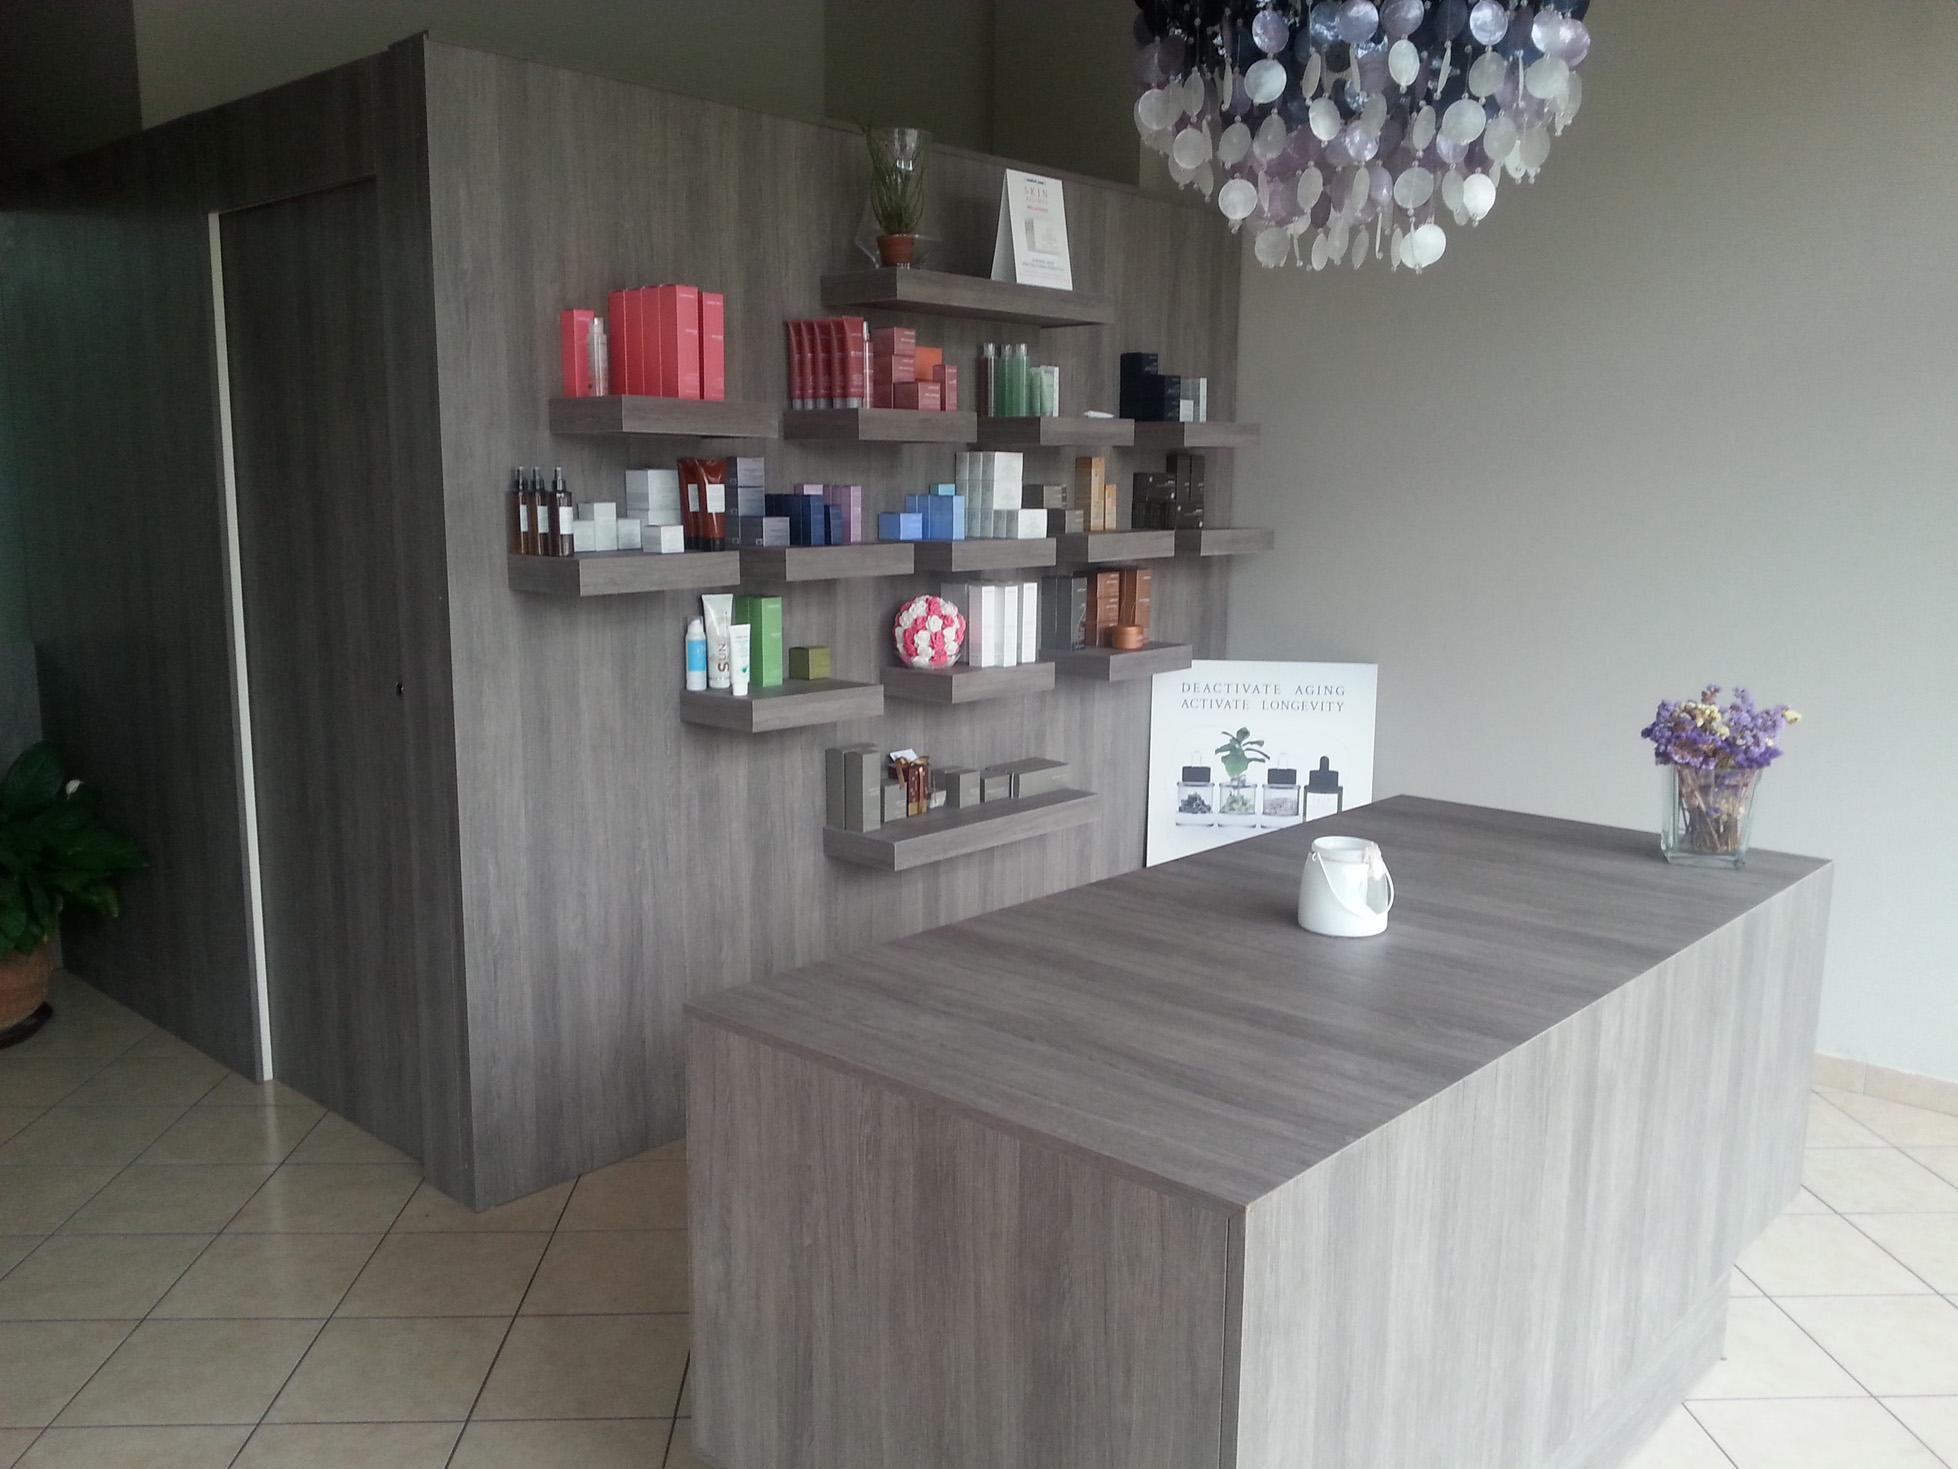 Mobili per centro estetico mobili per negozi modul for Arredamento estetica